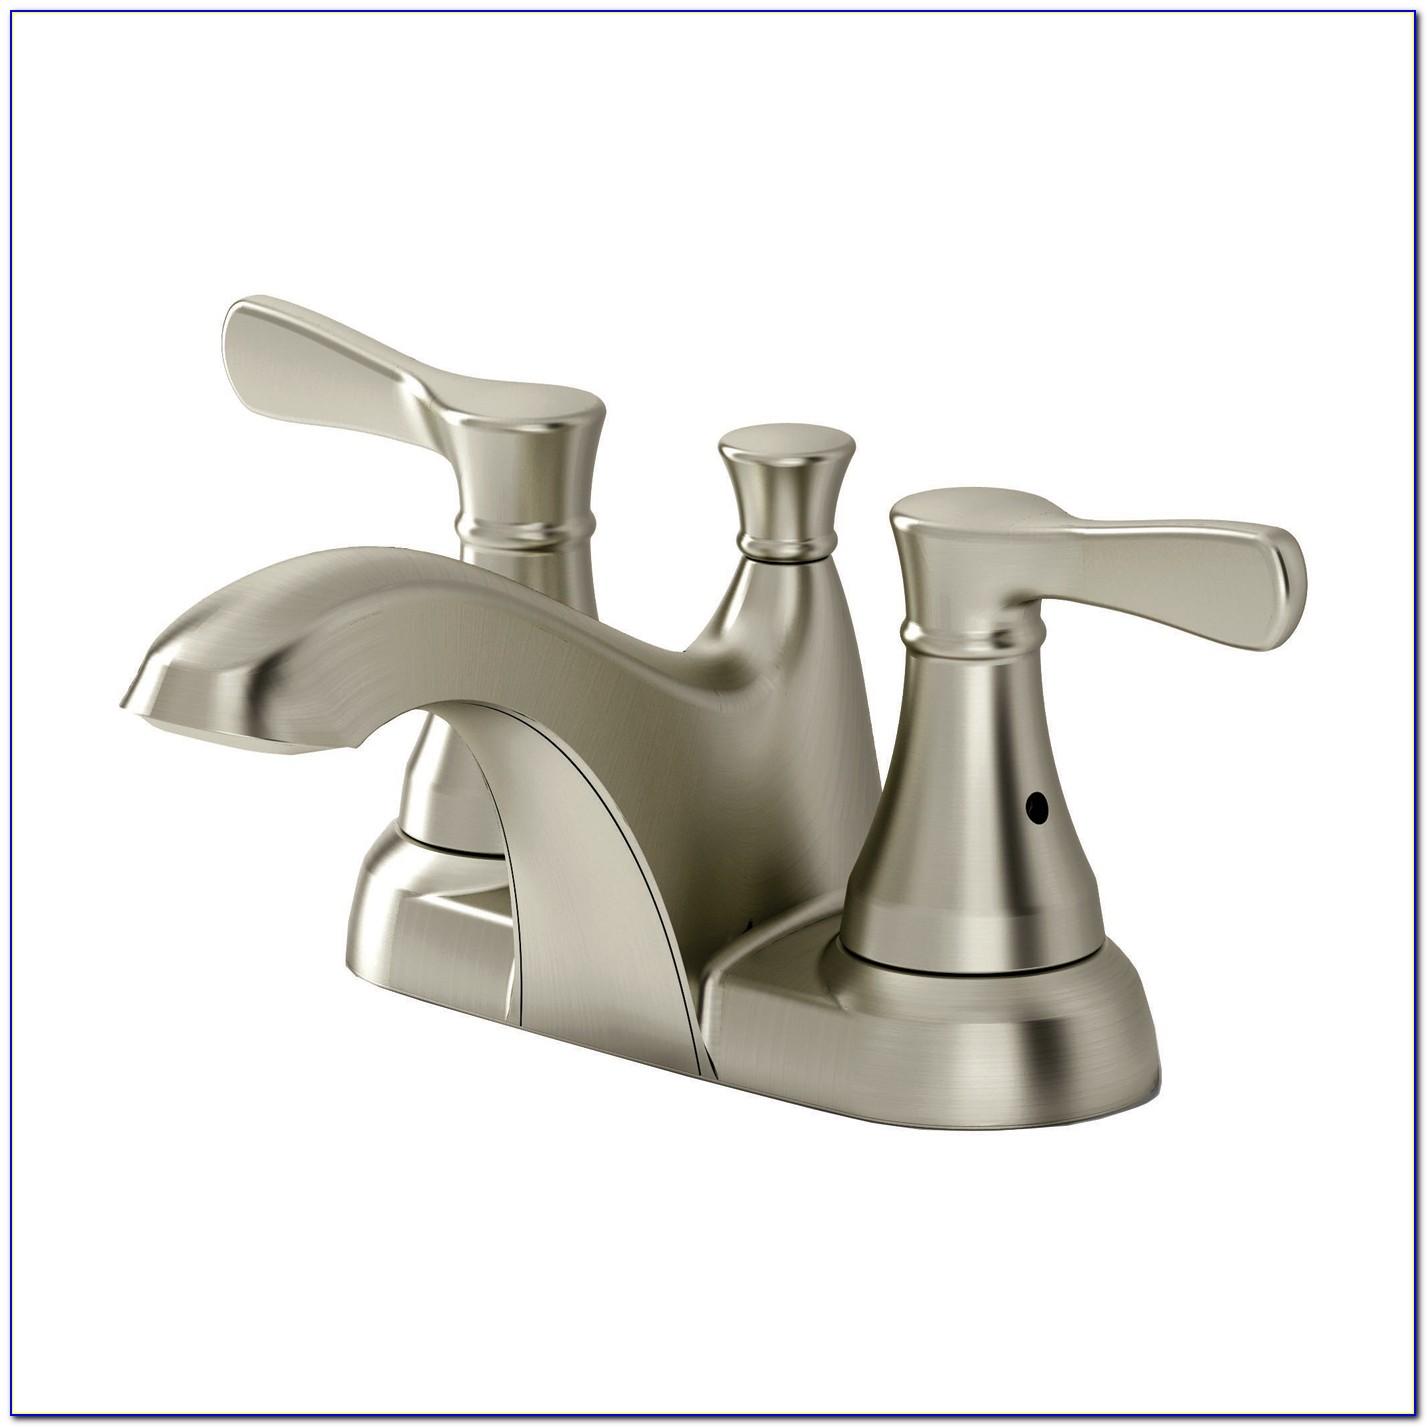 American Standard Bathroom Sink Faucet Handles